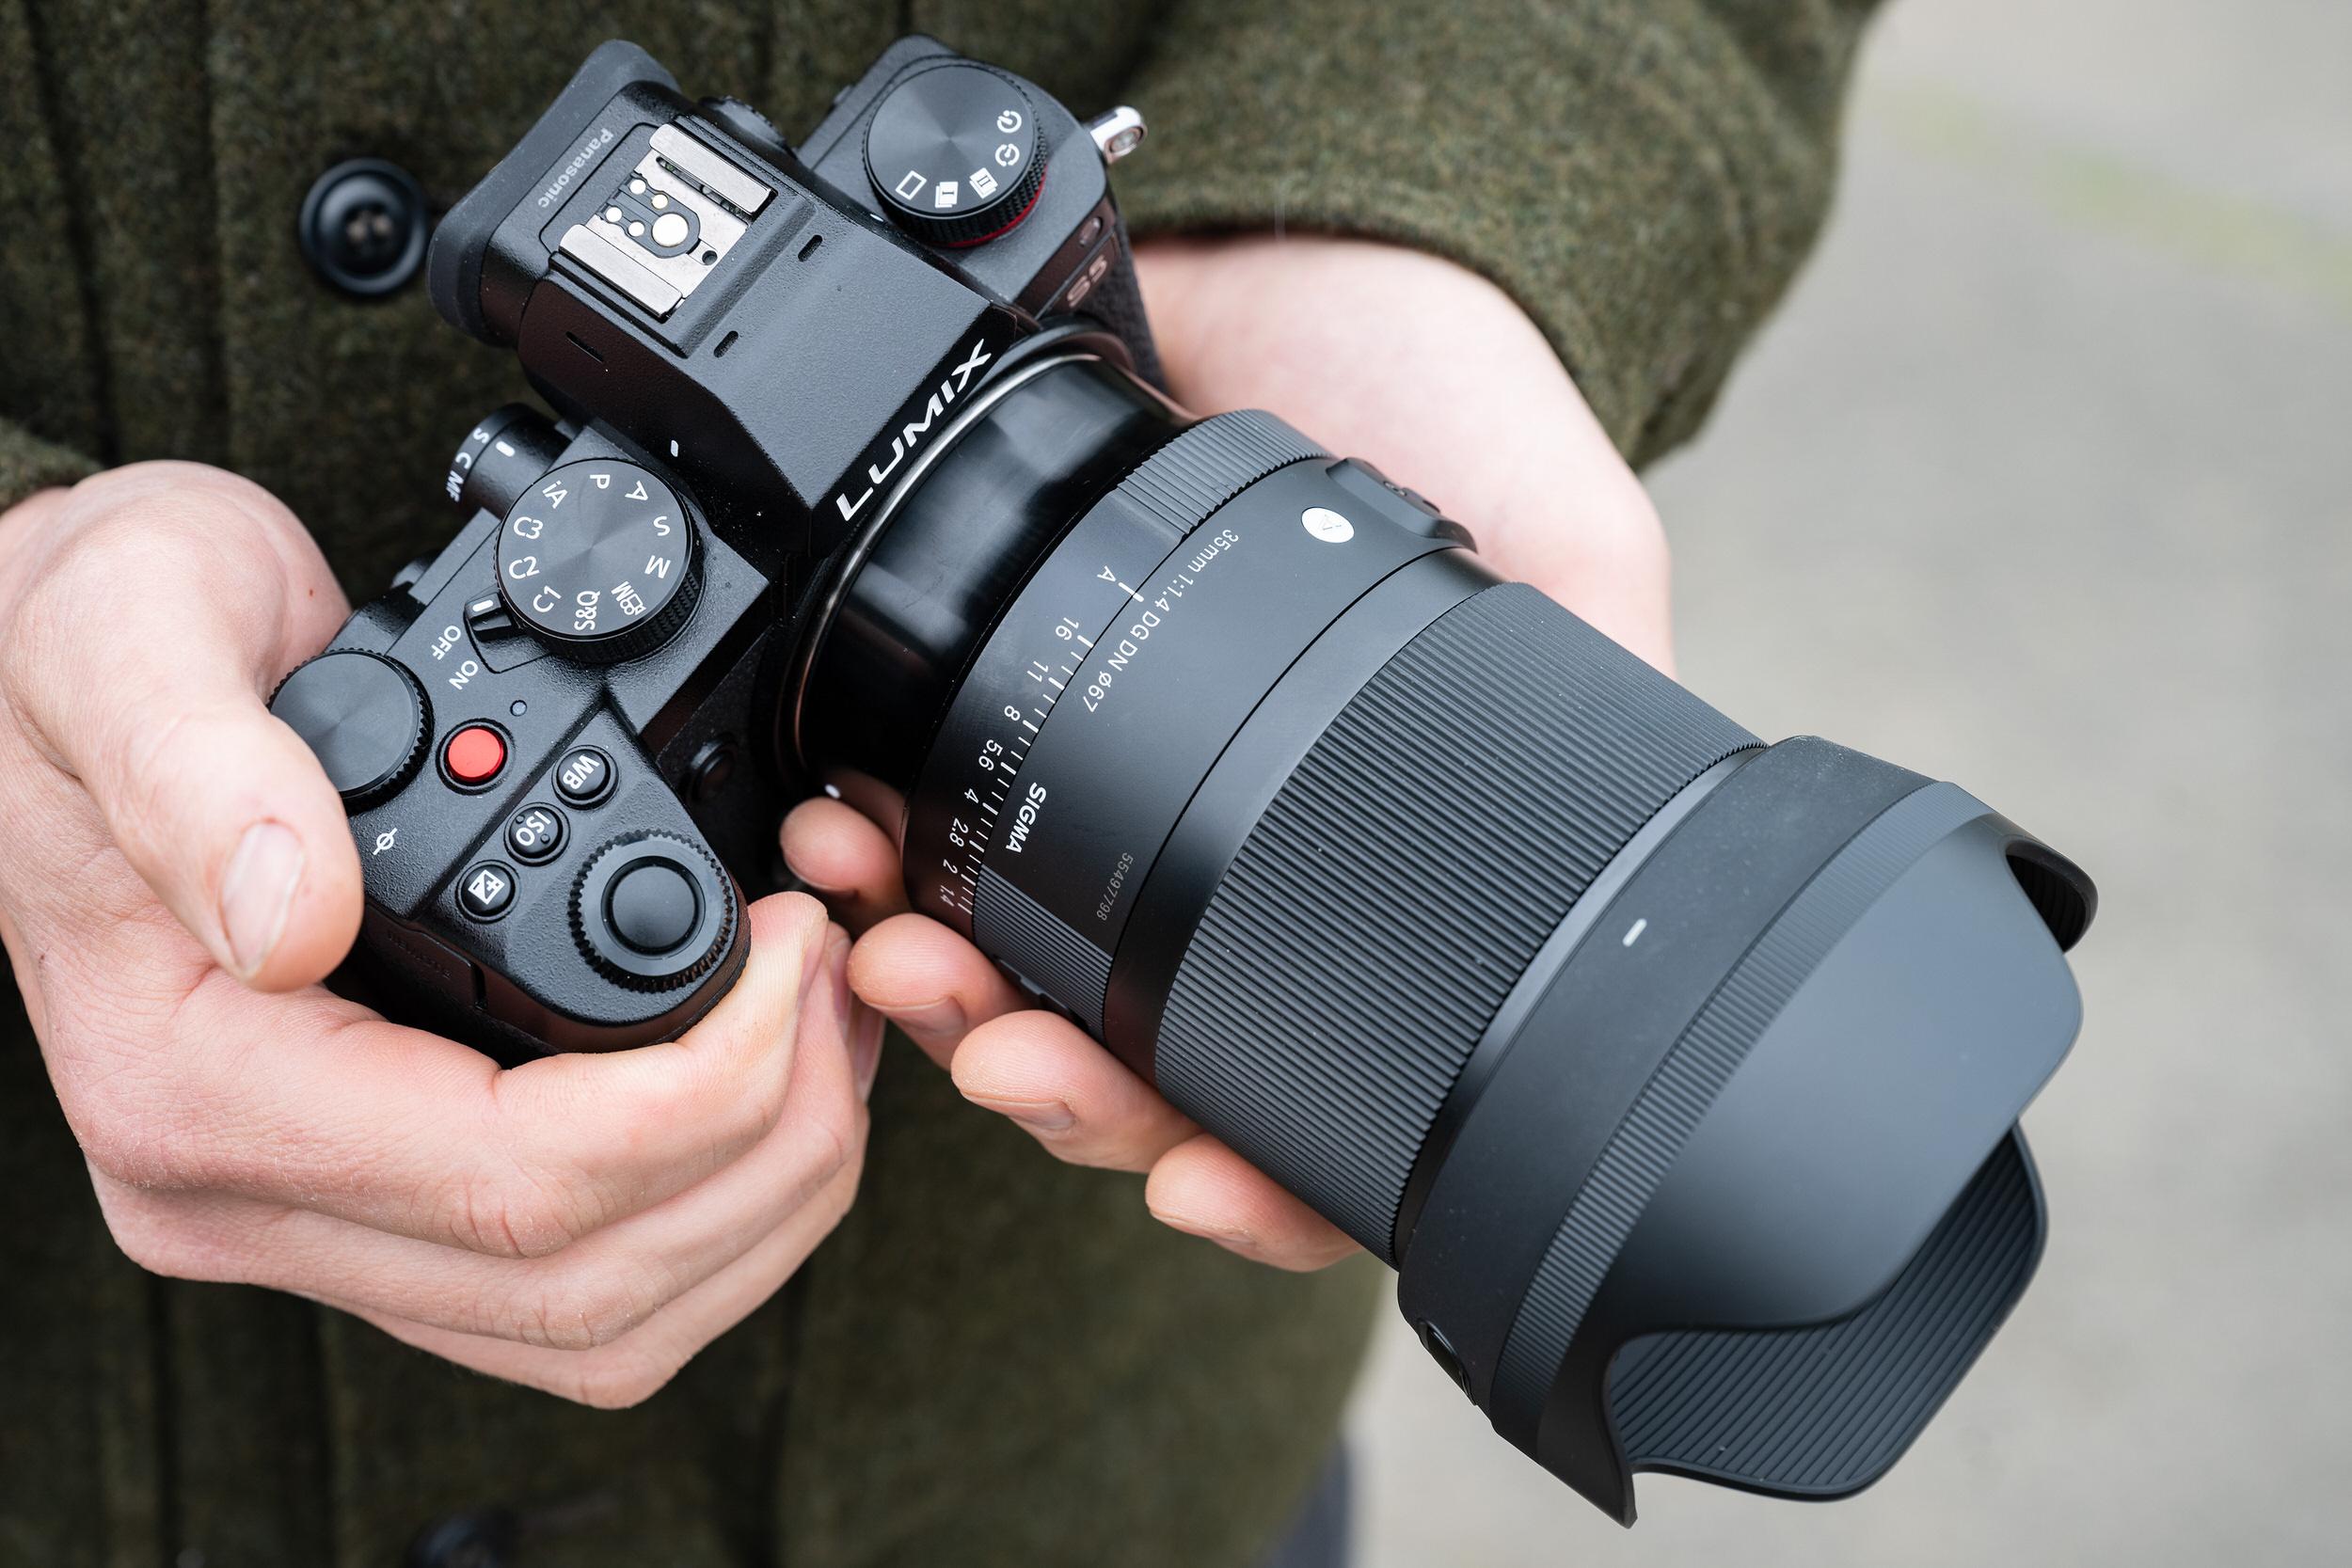 Sigma ra mắt ống kính 35mm F1.4 DG DN Art được làm mới hoàn toàn dành cho máy ảnh mirrorless